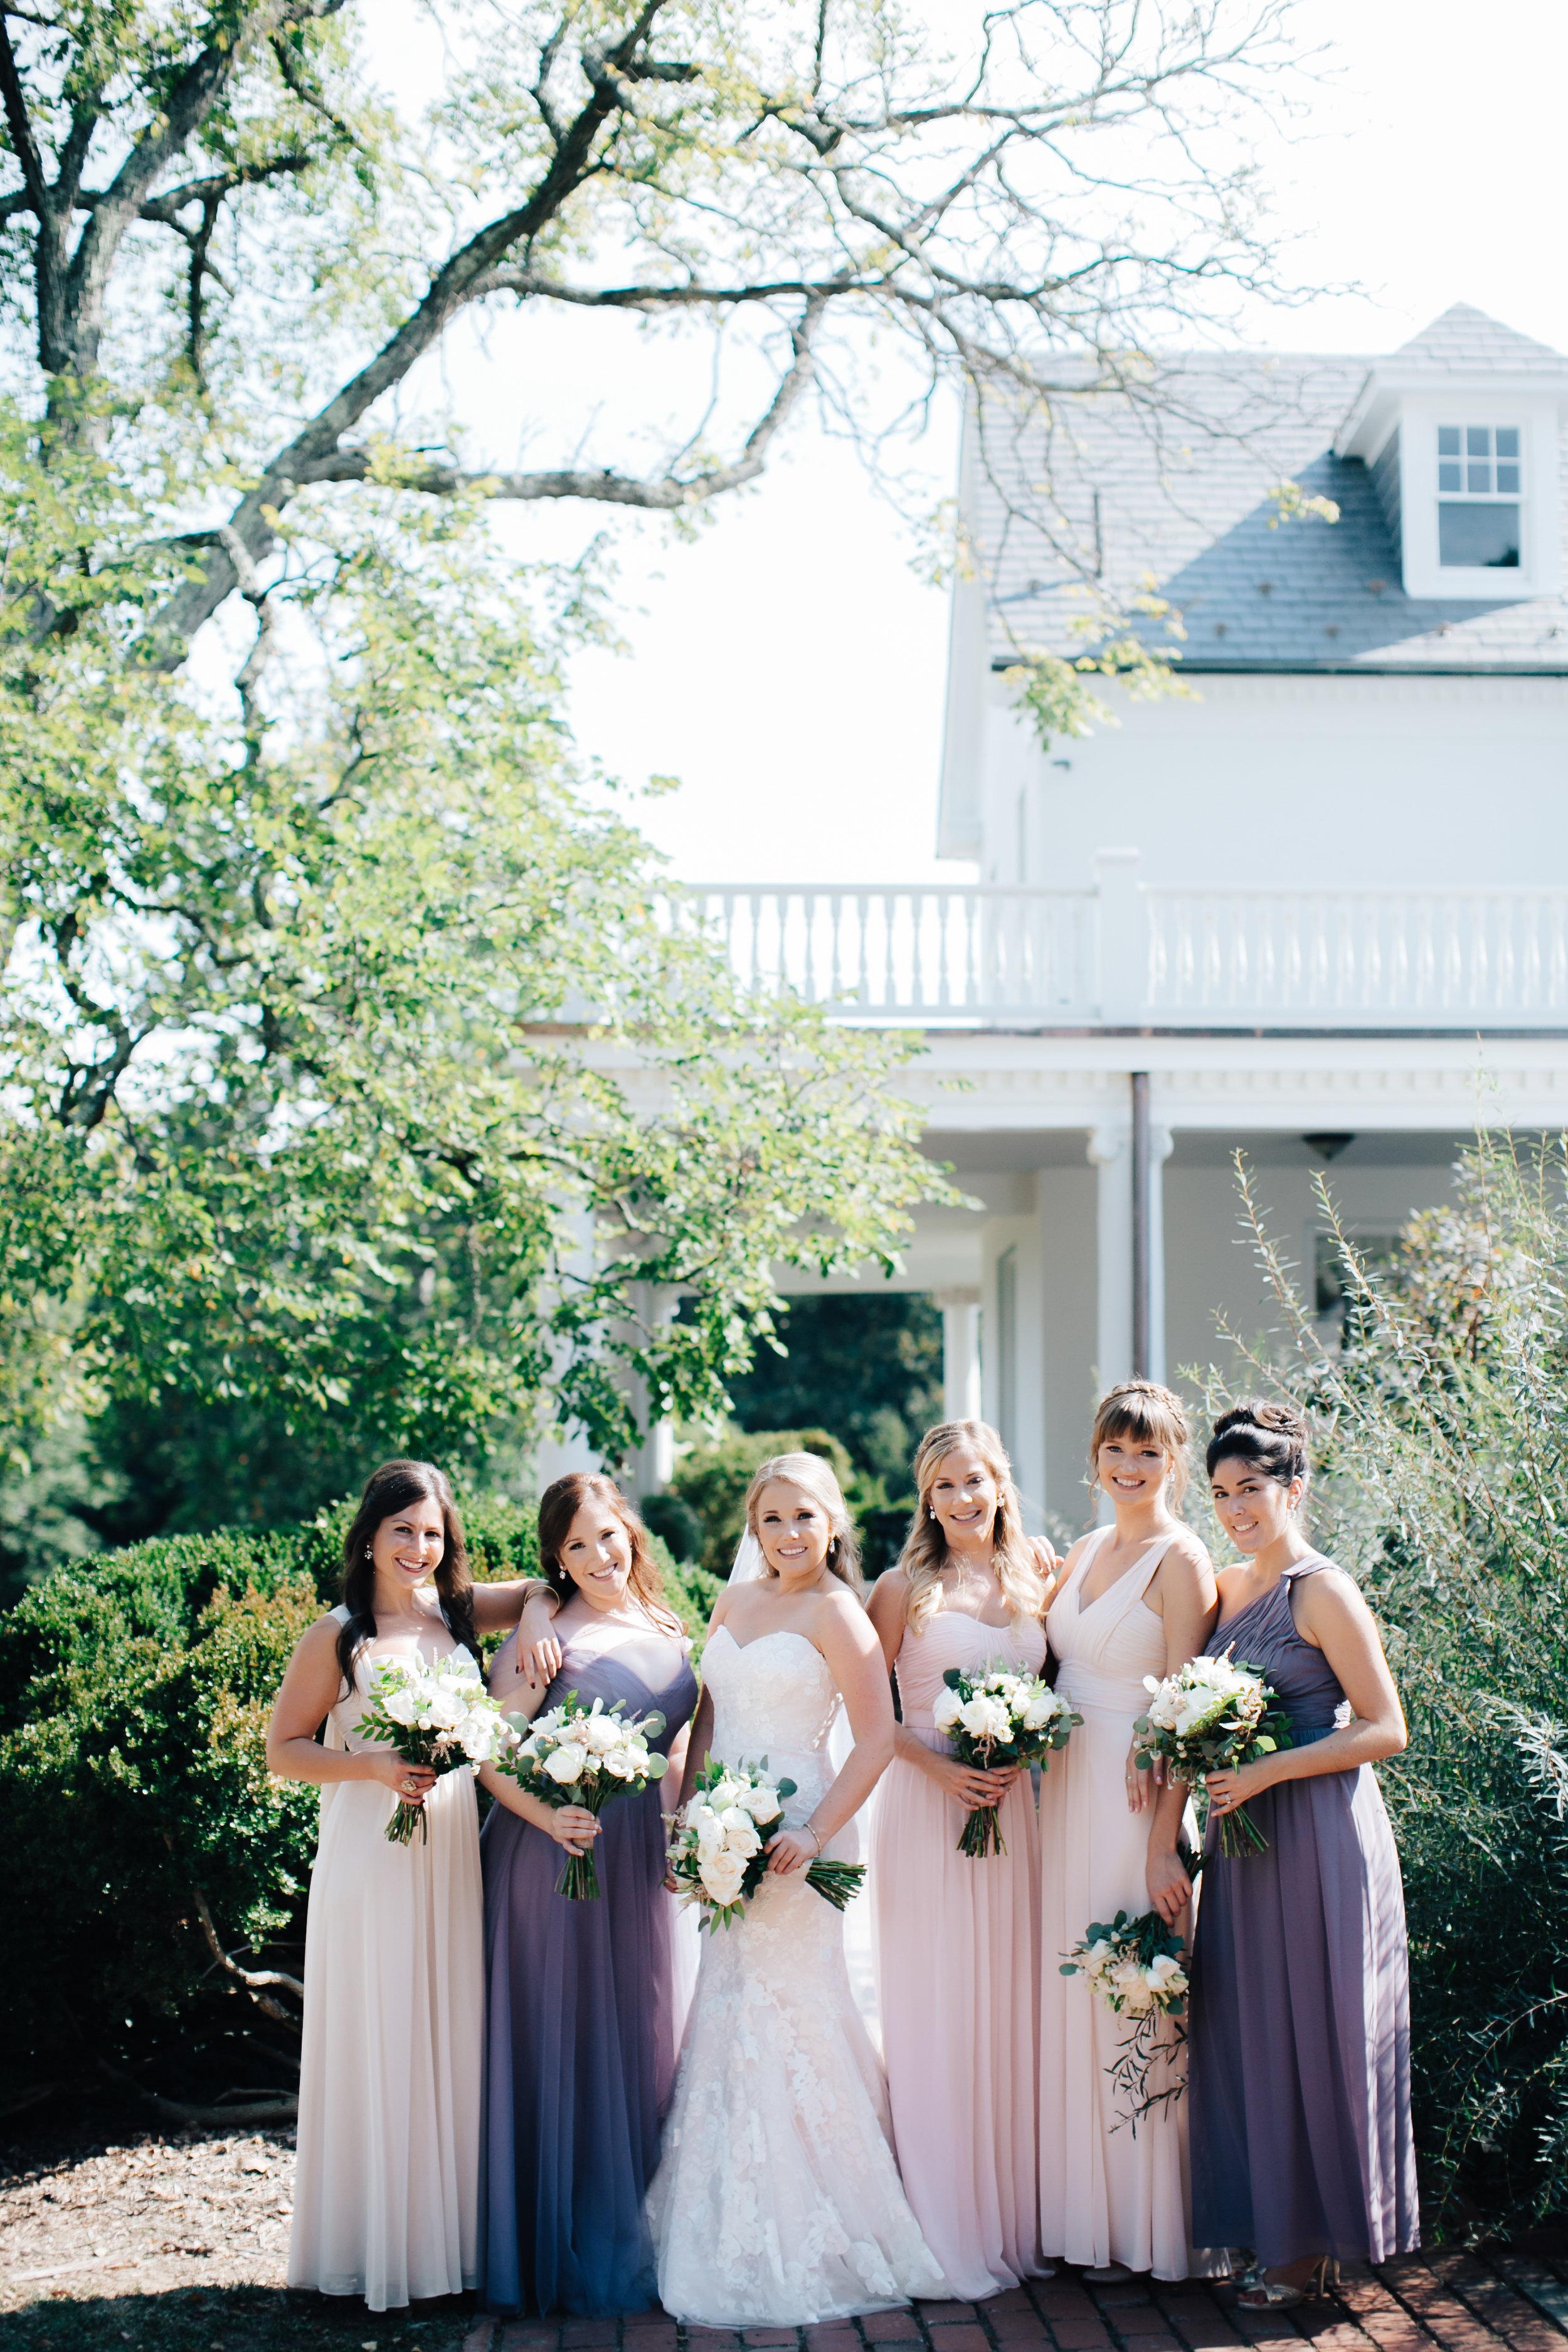 0322_megan_beth_dawson_river_farms_wedding.jpg